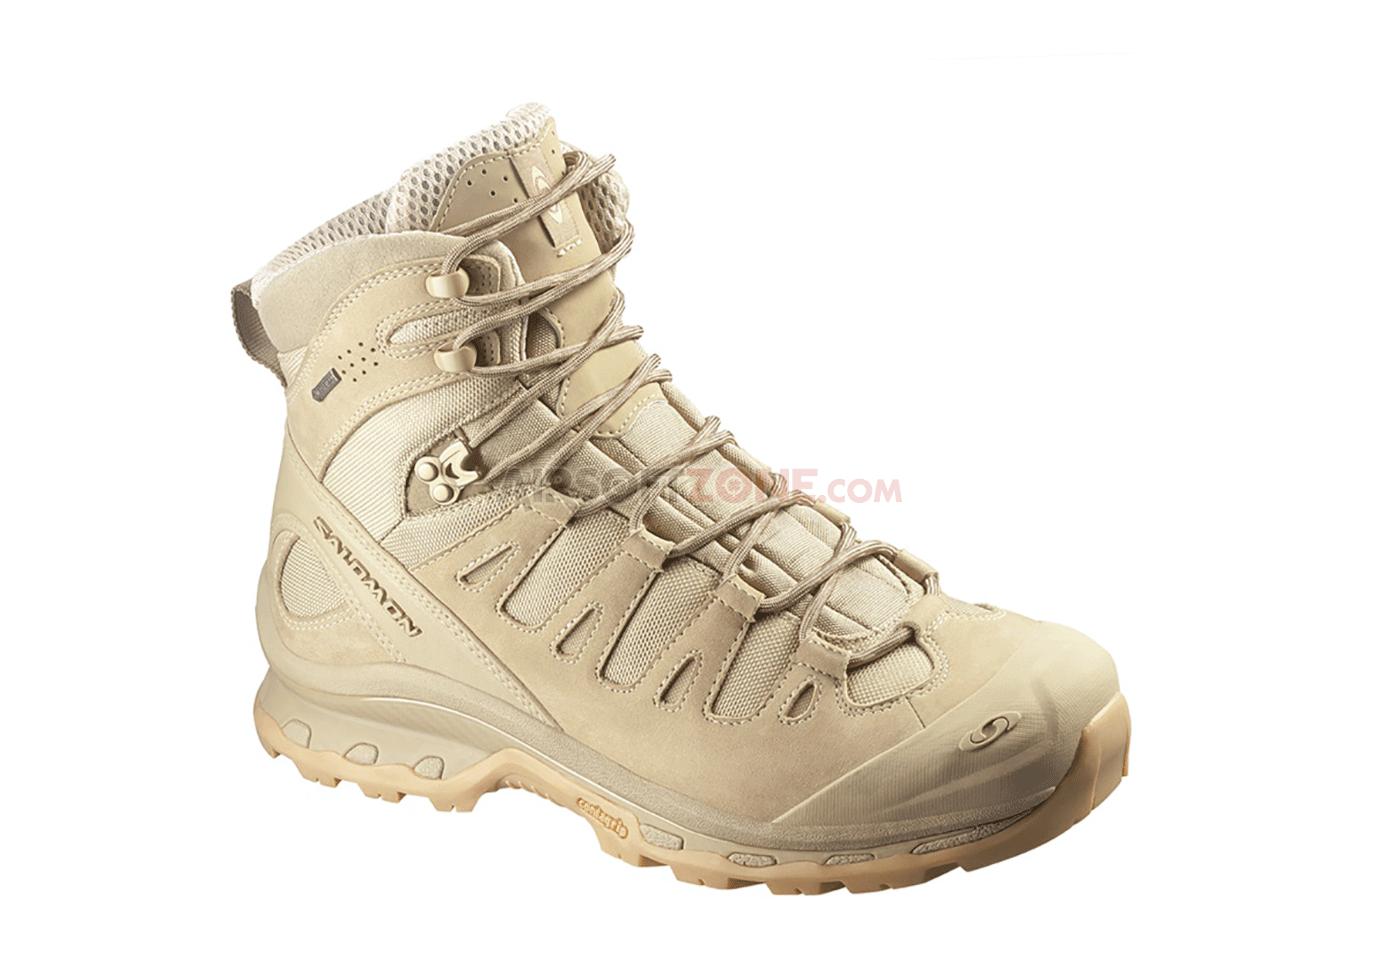 Forces Gtx Chaussures salomon Navajo Quest Uk 4d 10 Bottes qwU166